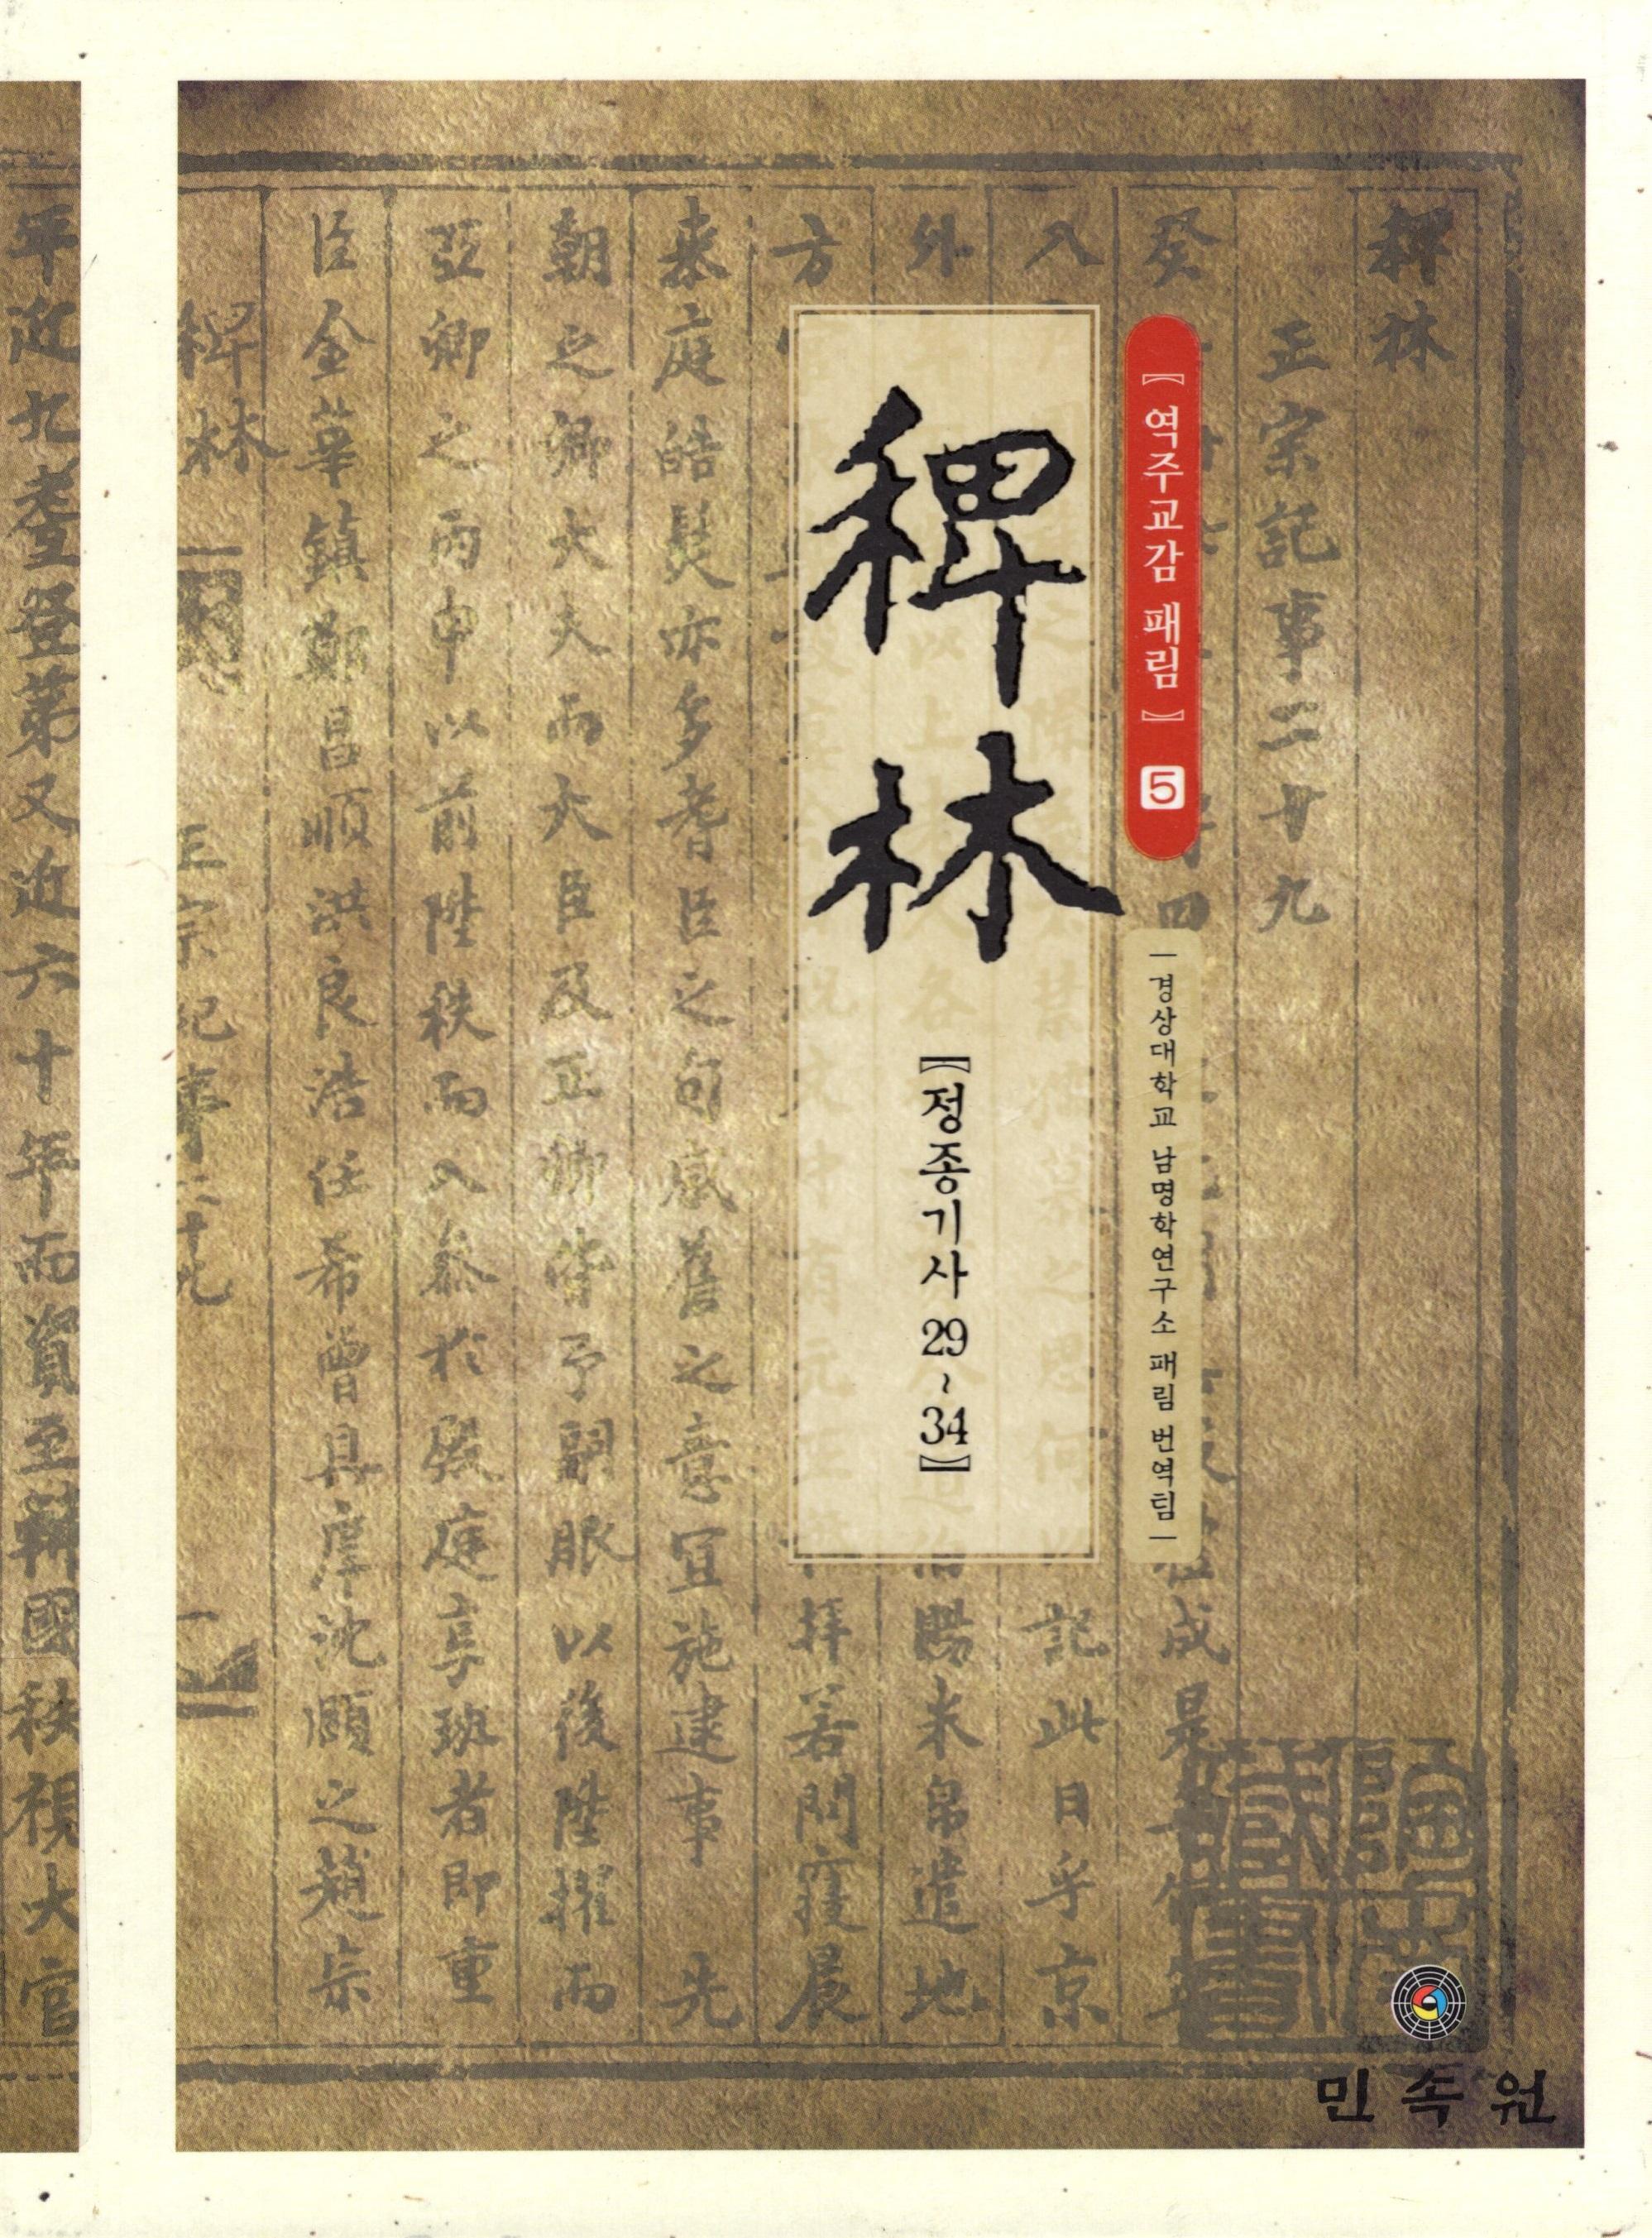 패림 05(정종기사 29-34)